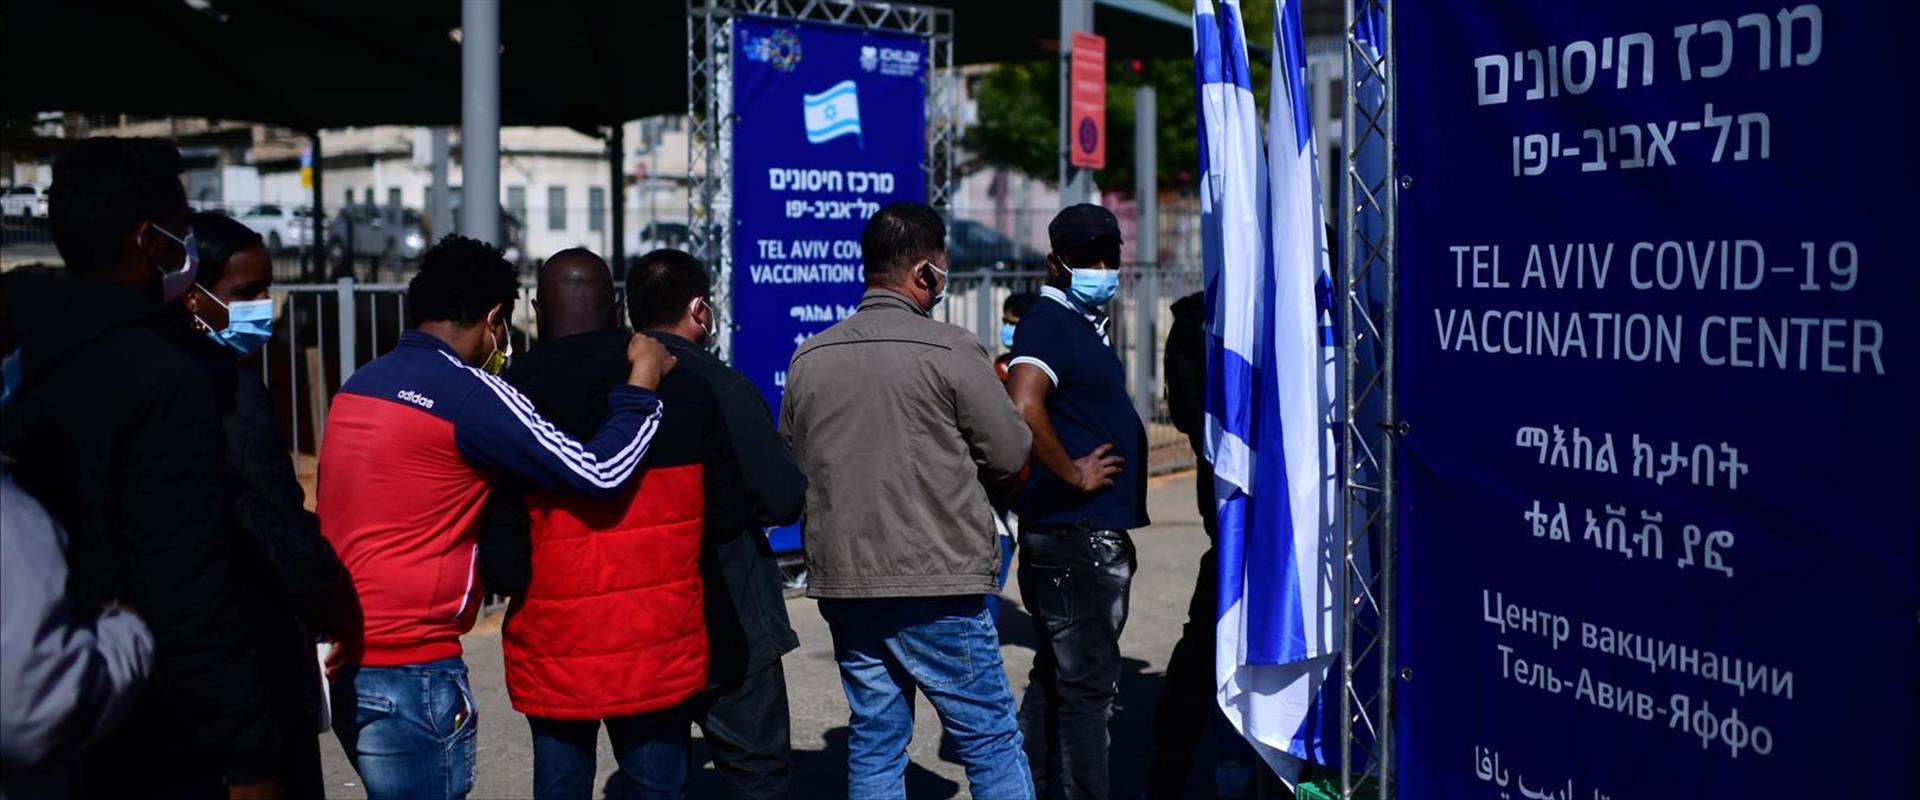 מרכז חיסונים בתל אביב לחסרי מעמד